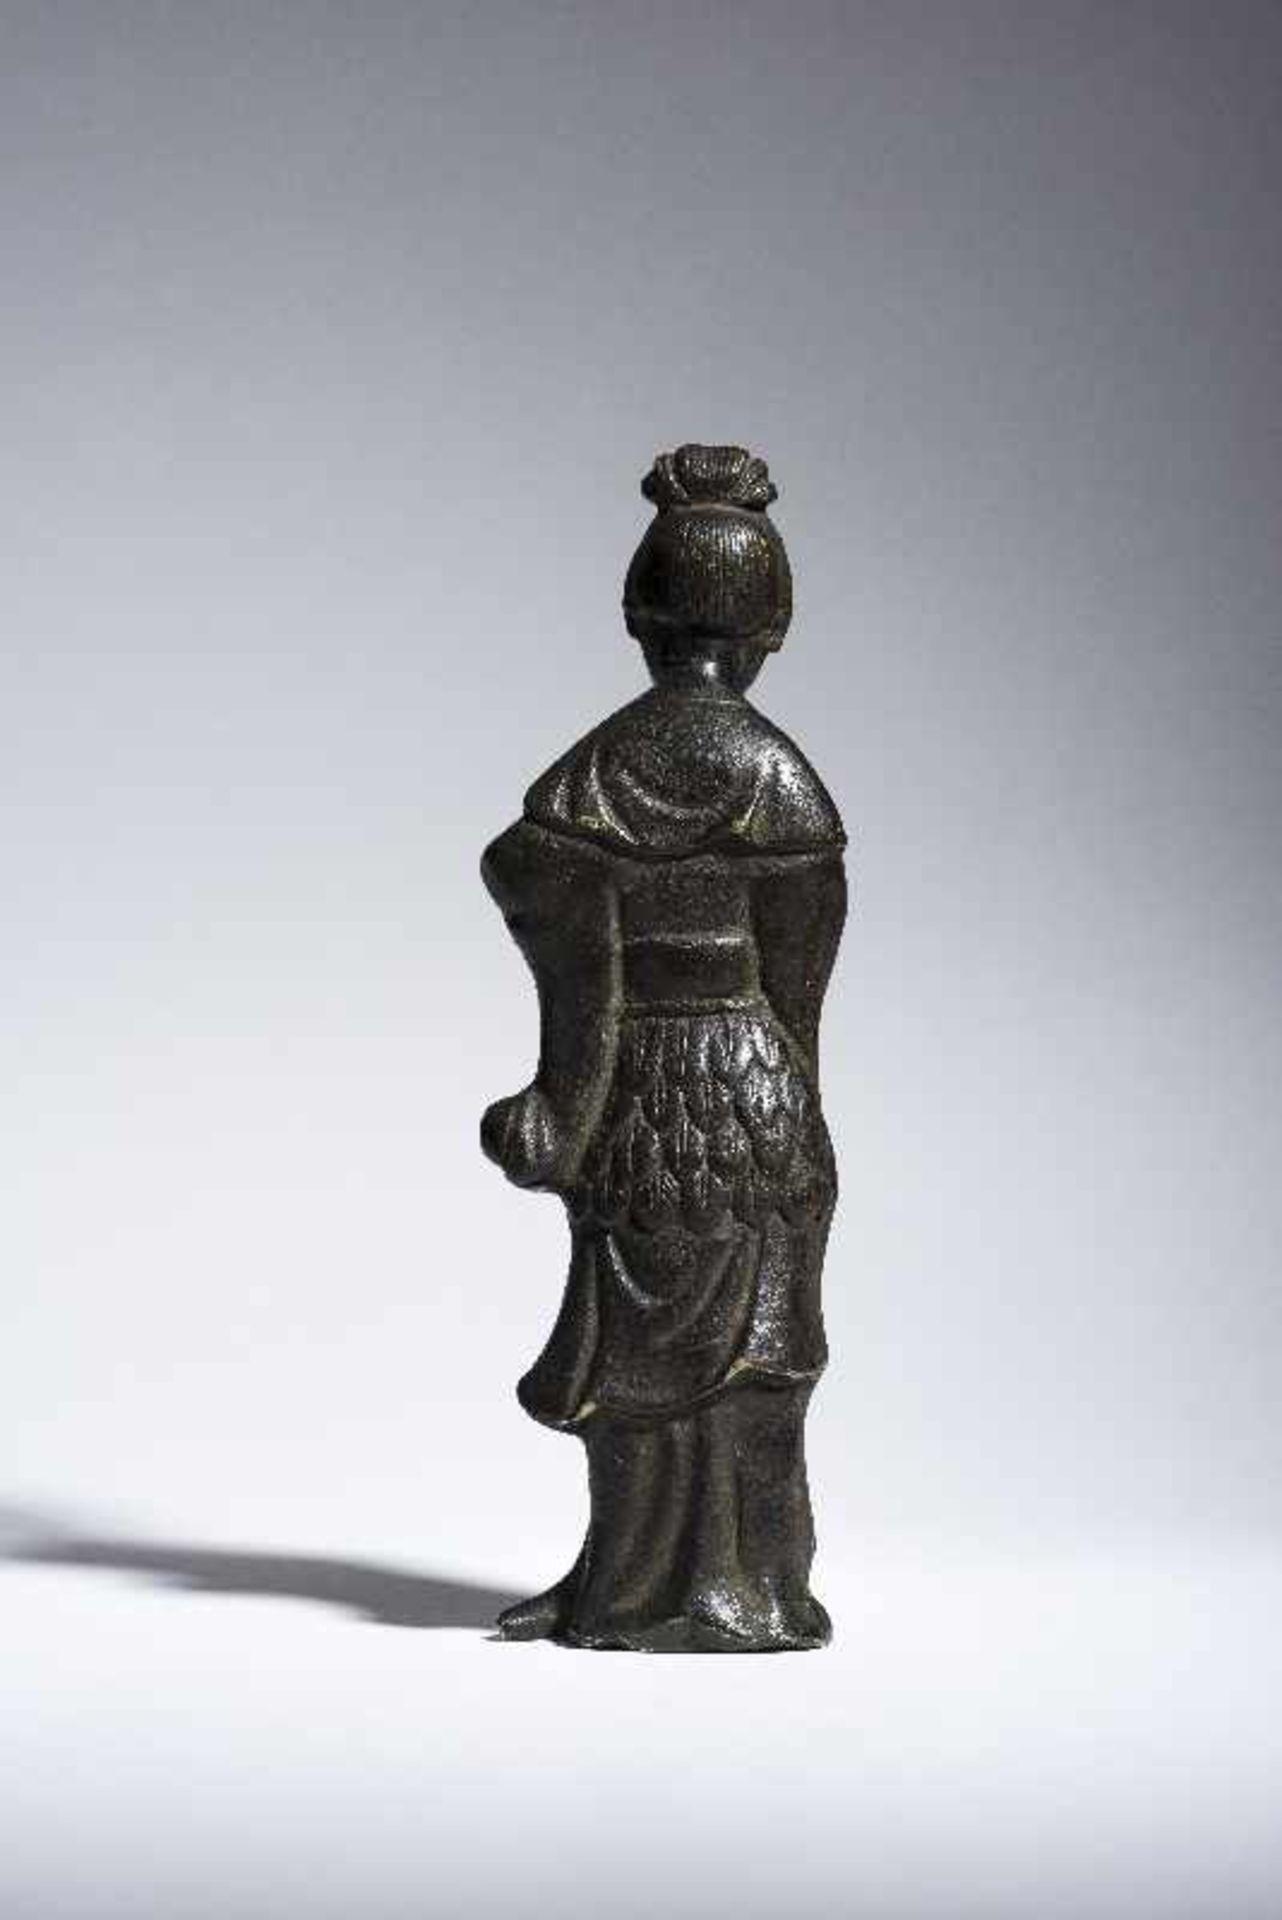 UNSTERBLICHE MIT WASSERKANNE Gelbe Bronze. China, Qing 19. Jh. Vermutlich eine Fee, möglicherweise - Image 3 of 6